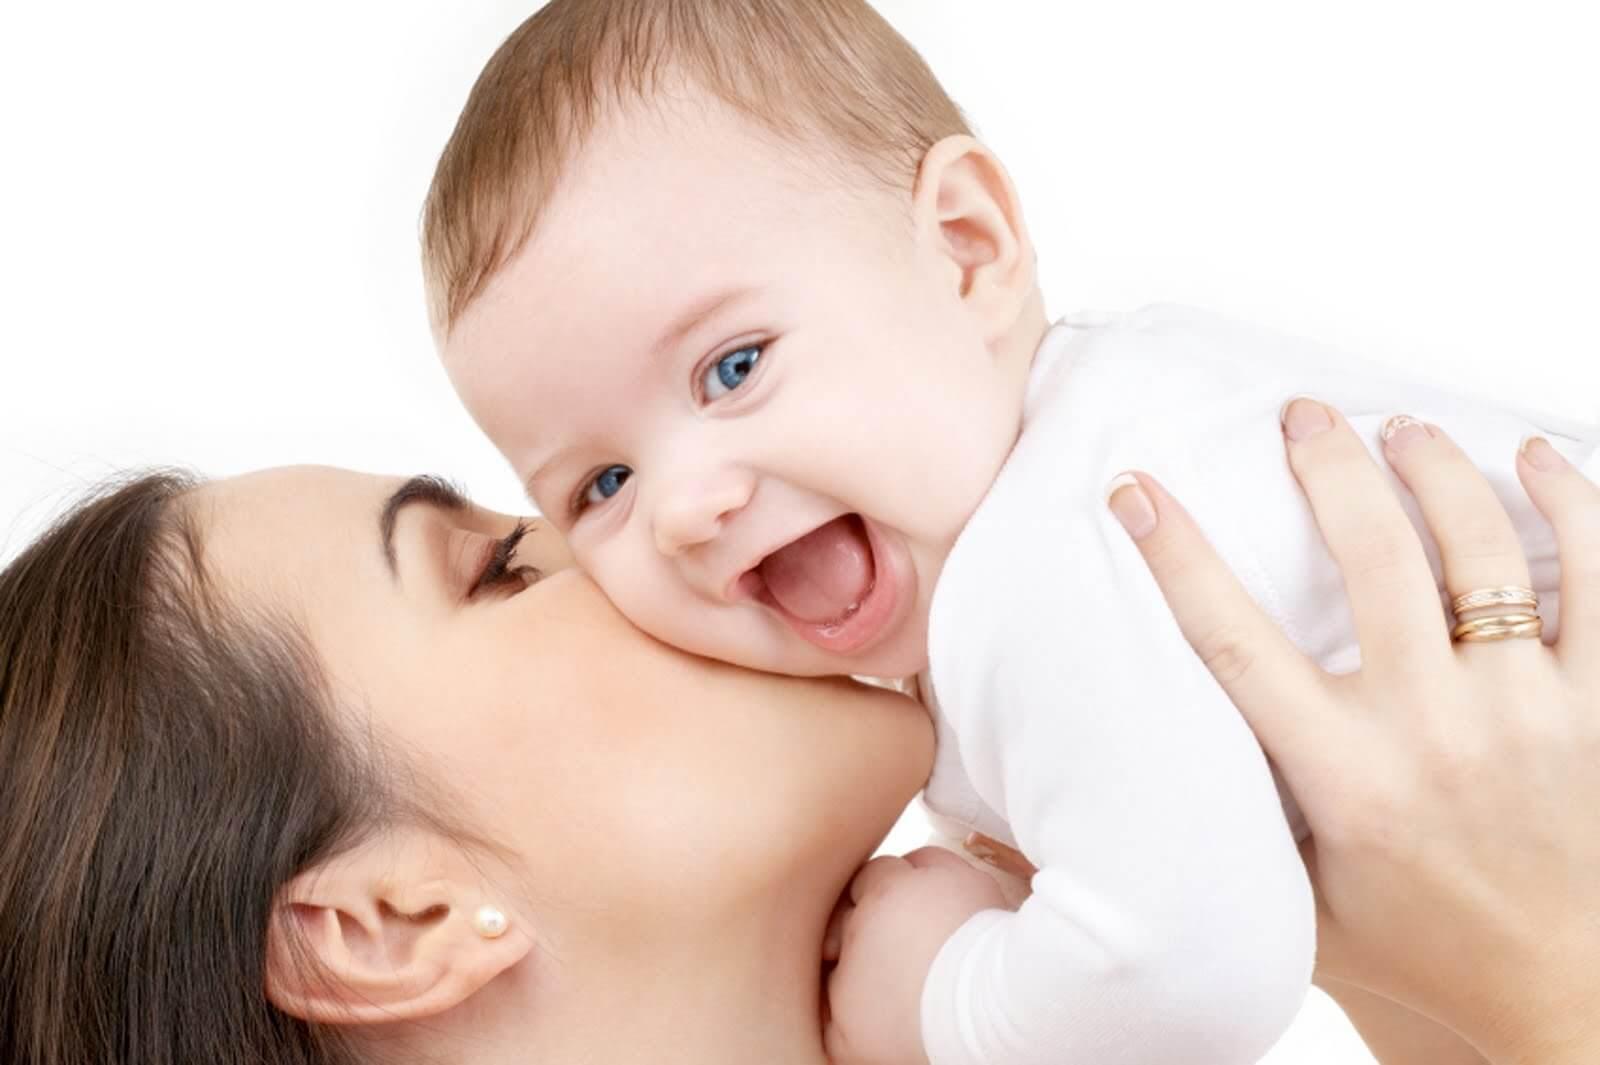 فواید شگفت انگیز بوسیدن کودک توسط والدین